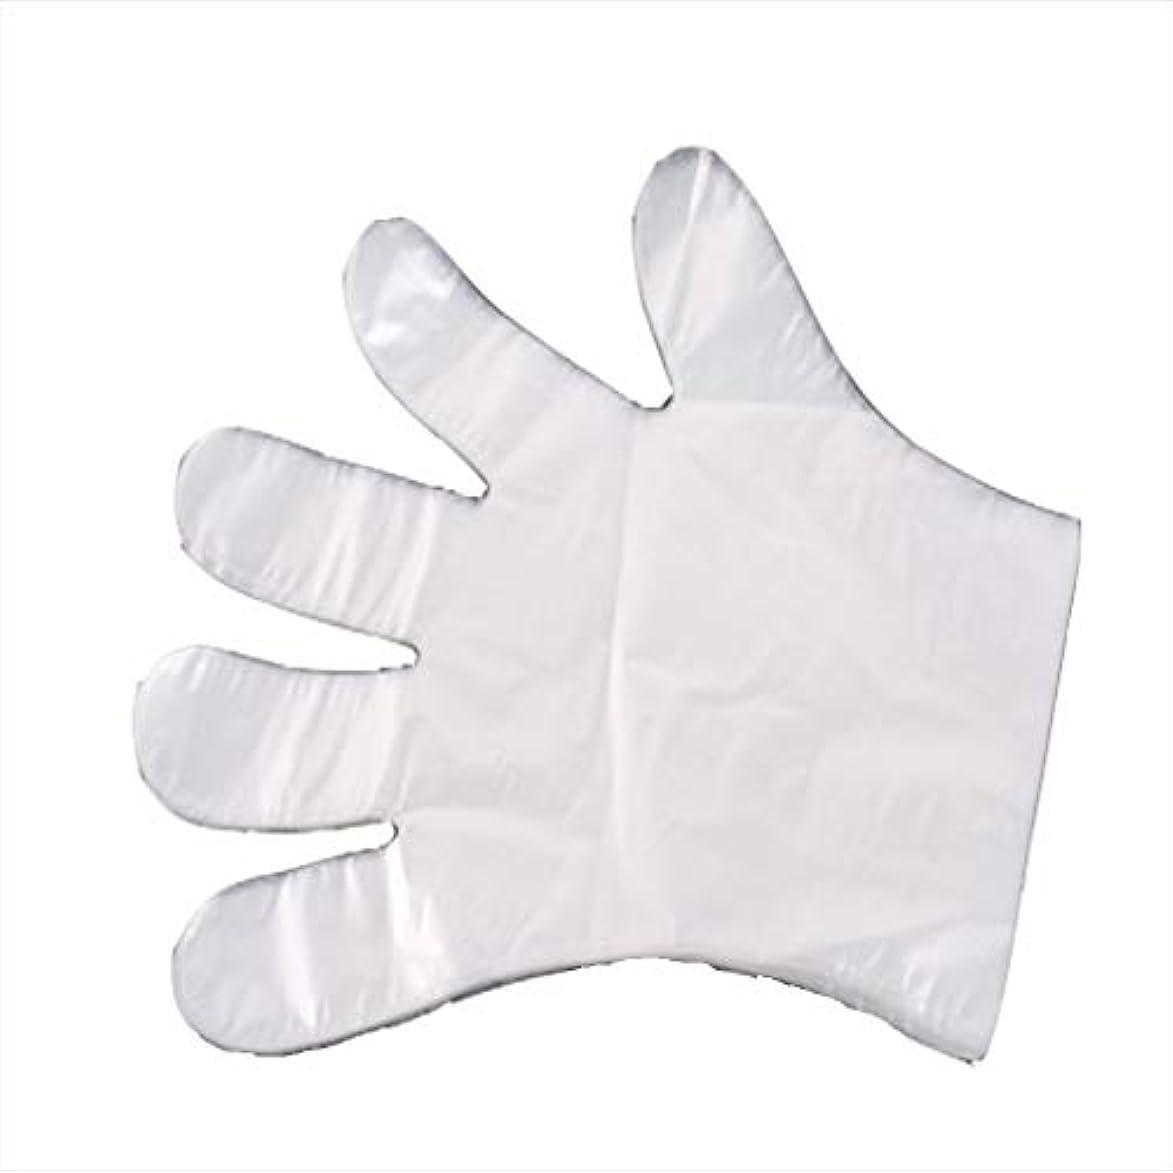 ユーザーボンドの頭の上手袋、使い捨て手袋、食事、ヘアケア、肥厚、透明フィルム手袋、肥厚1000。